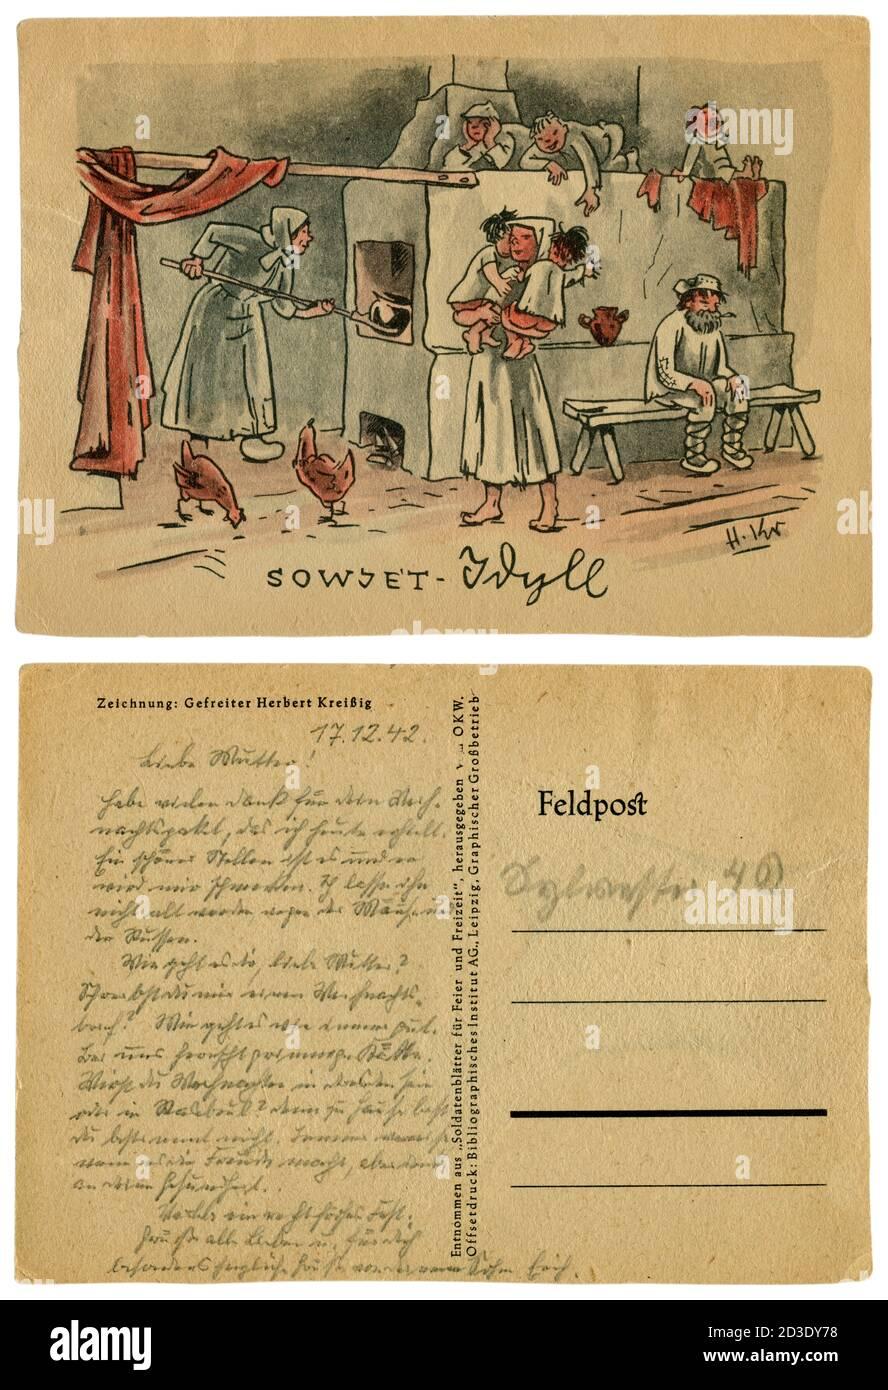 Carte postale historique allemande : 'Soviet idylll'. Caricature d'une grande famille avec des enfants à l'intérieur d'une cabane, près d'un poêle russe, Union soviétique, 1941 Banque D'Images